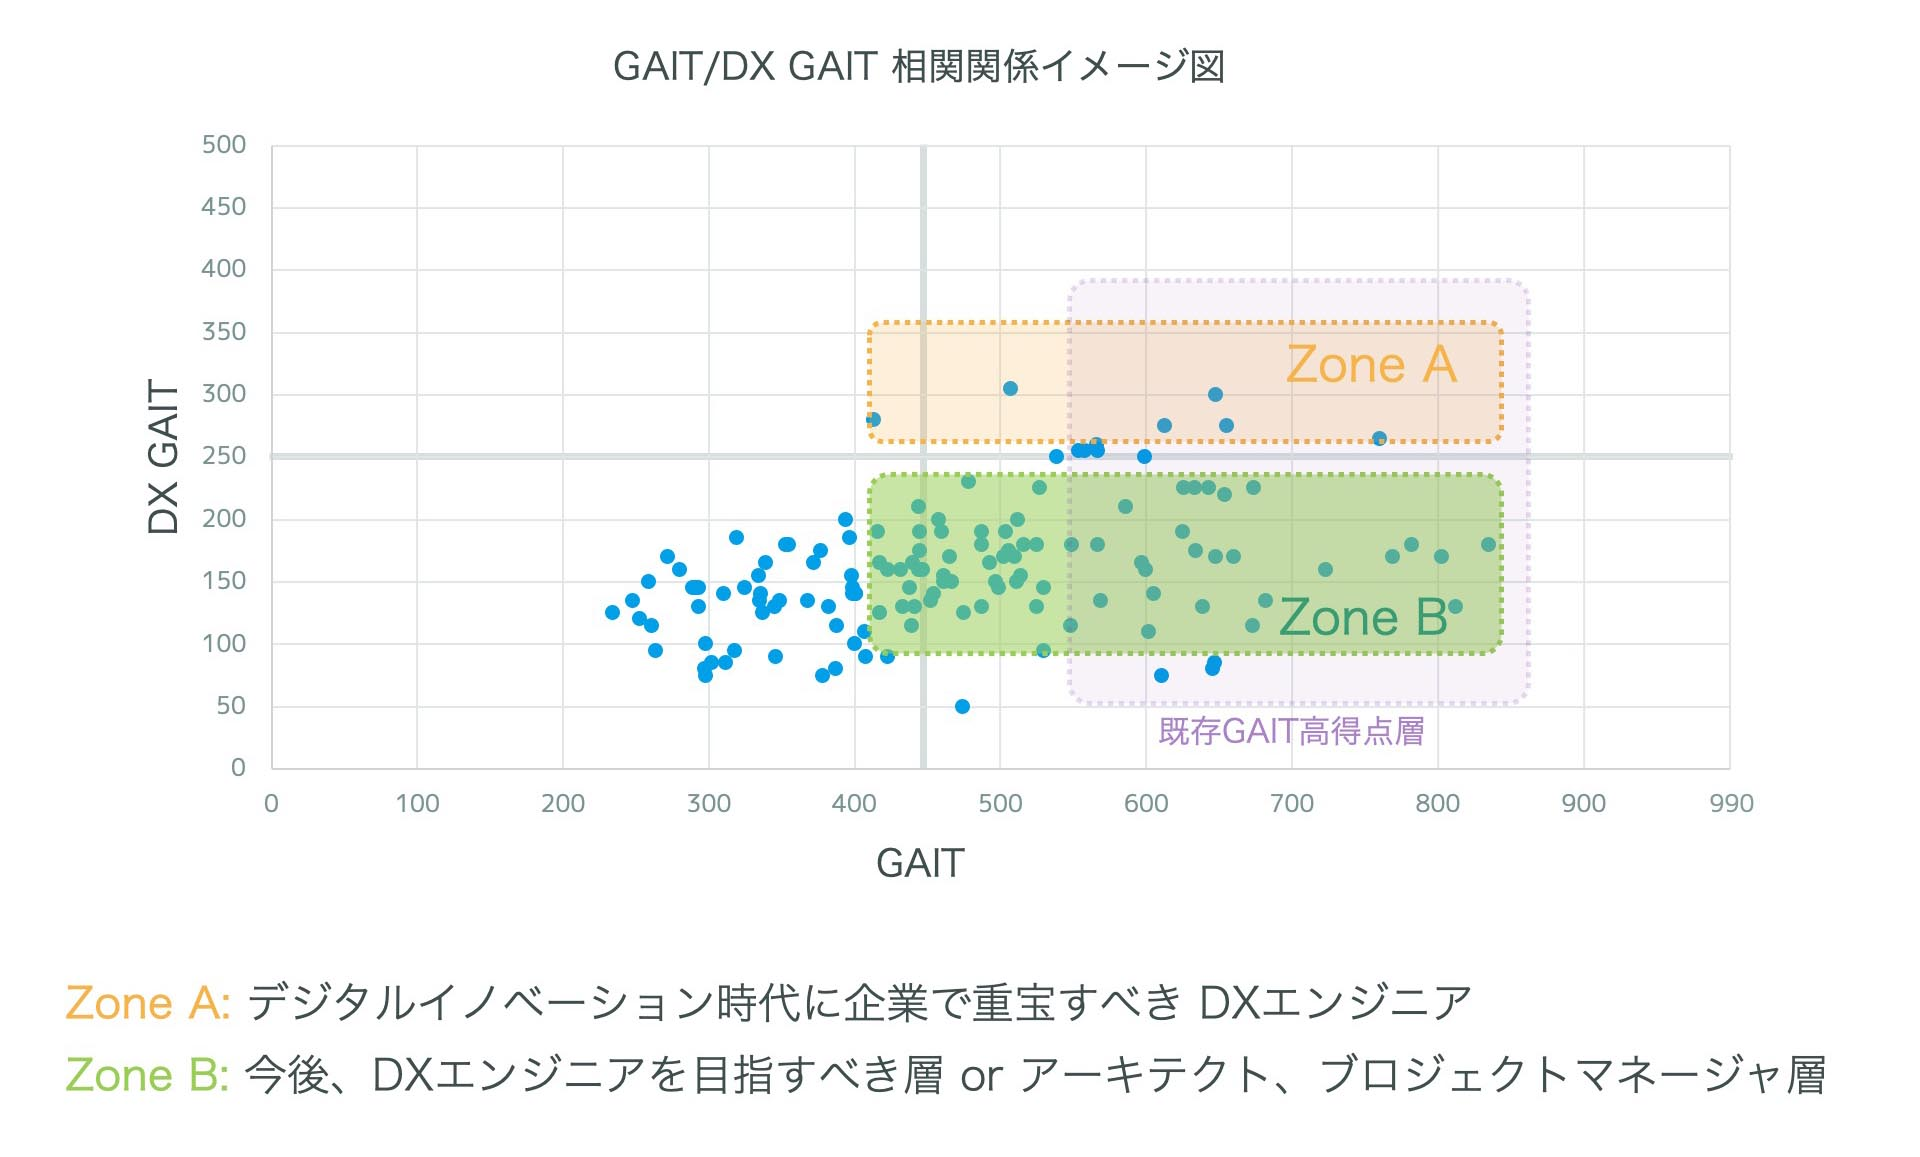 GAIT/DX GAIT 相関関係イメージ図